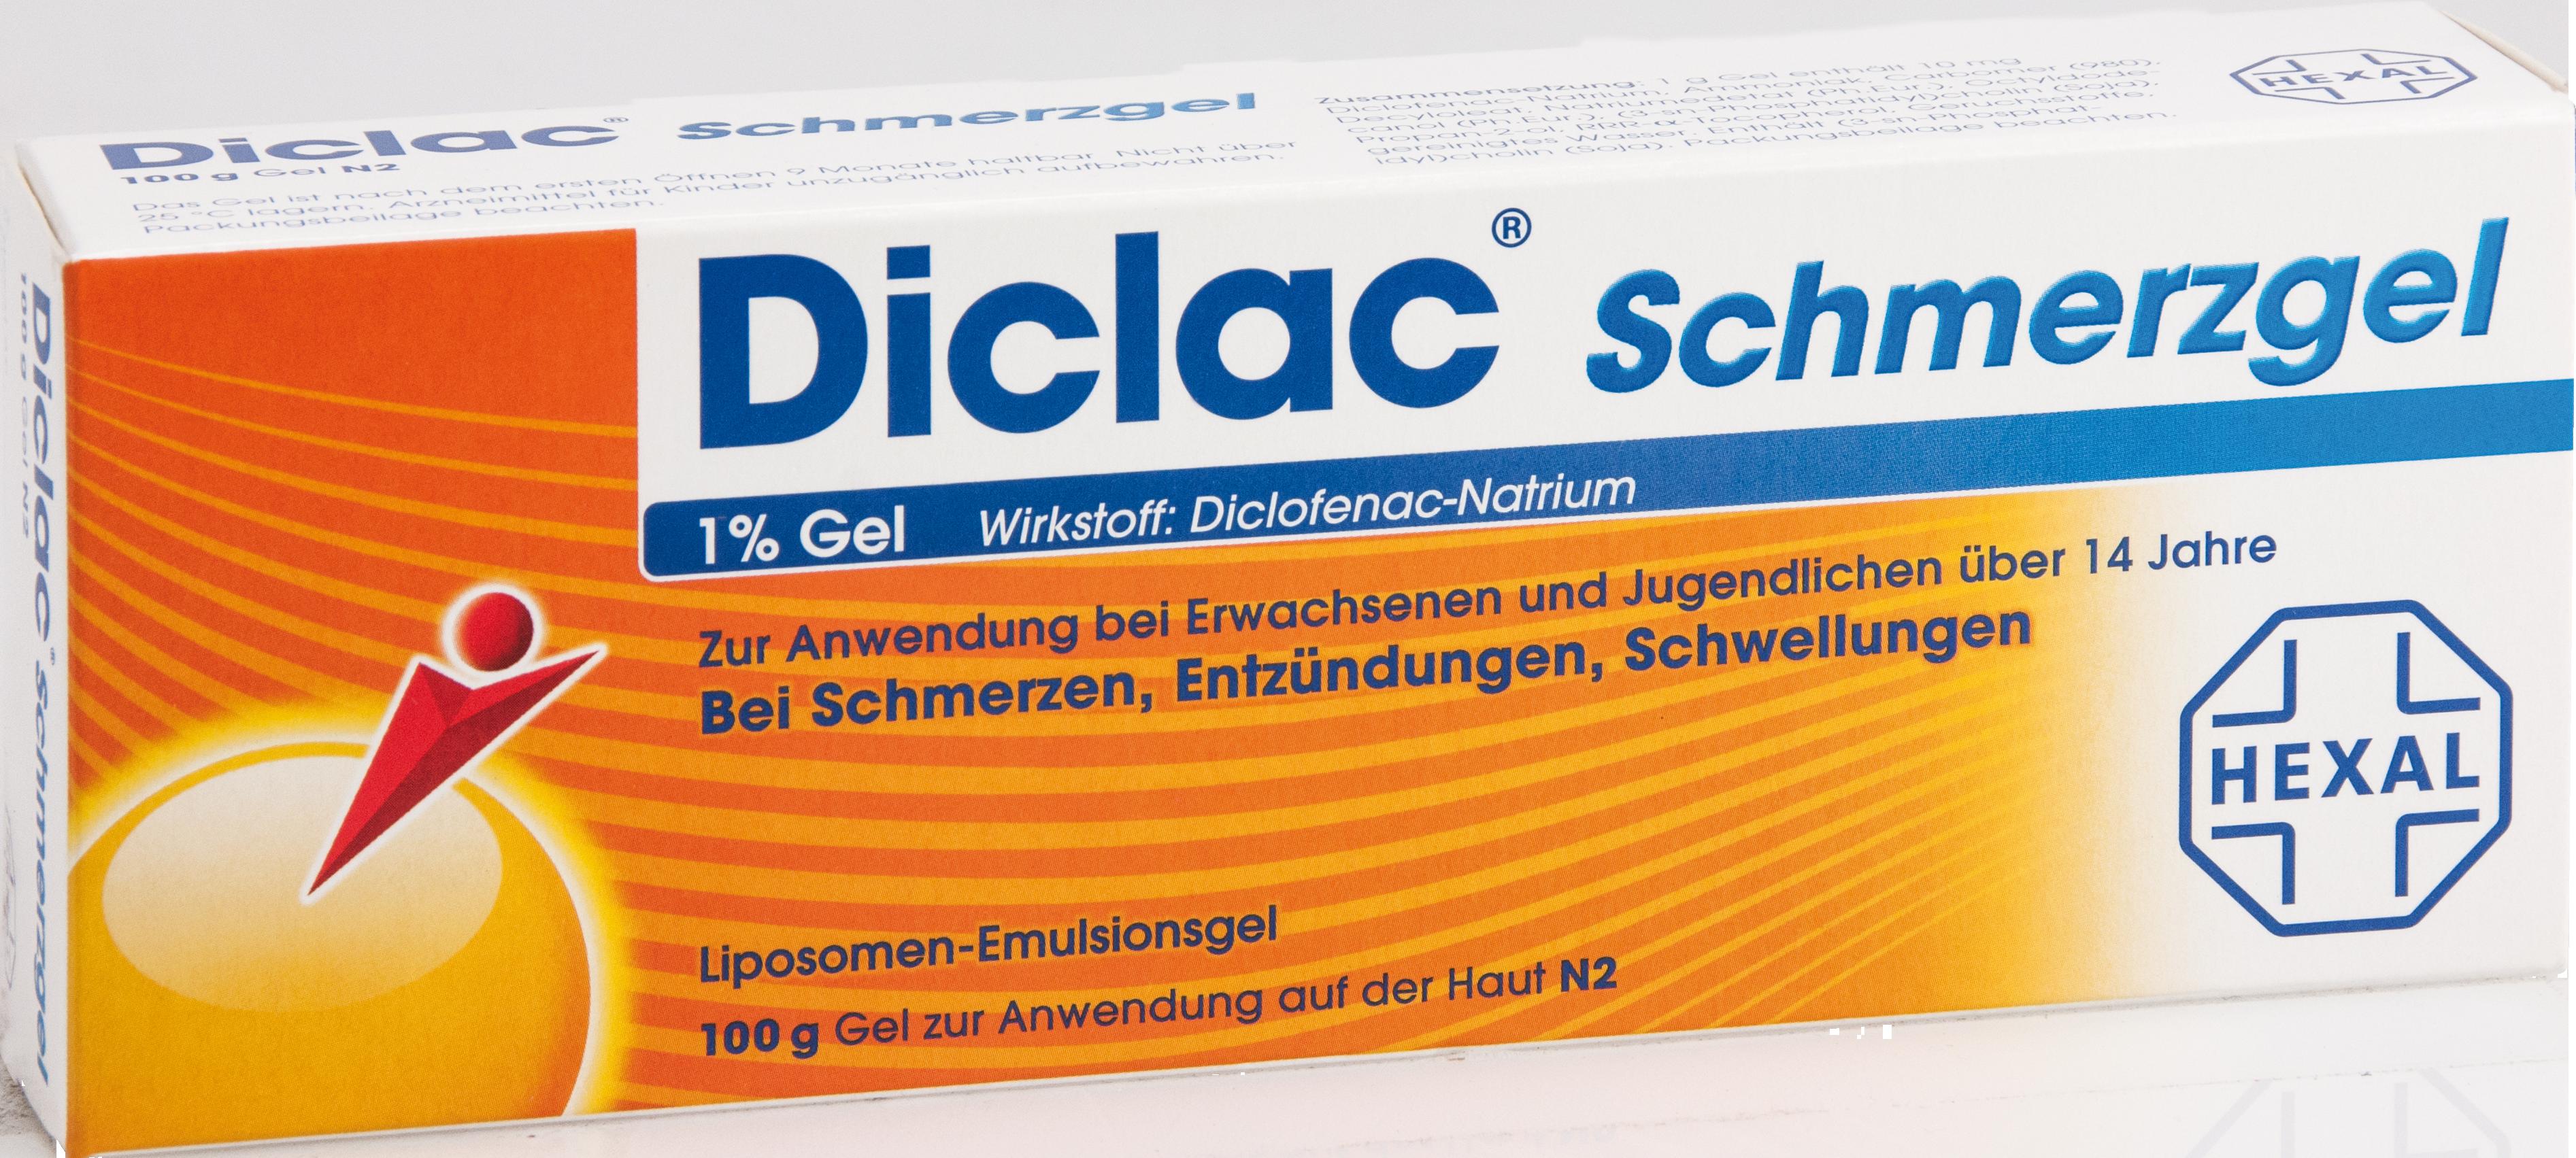 Diclac Schmerzgel 1% Gel